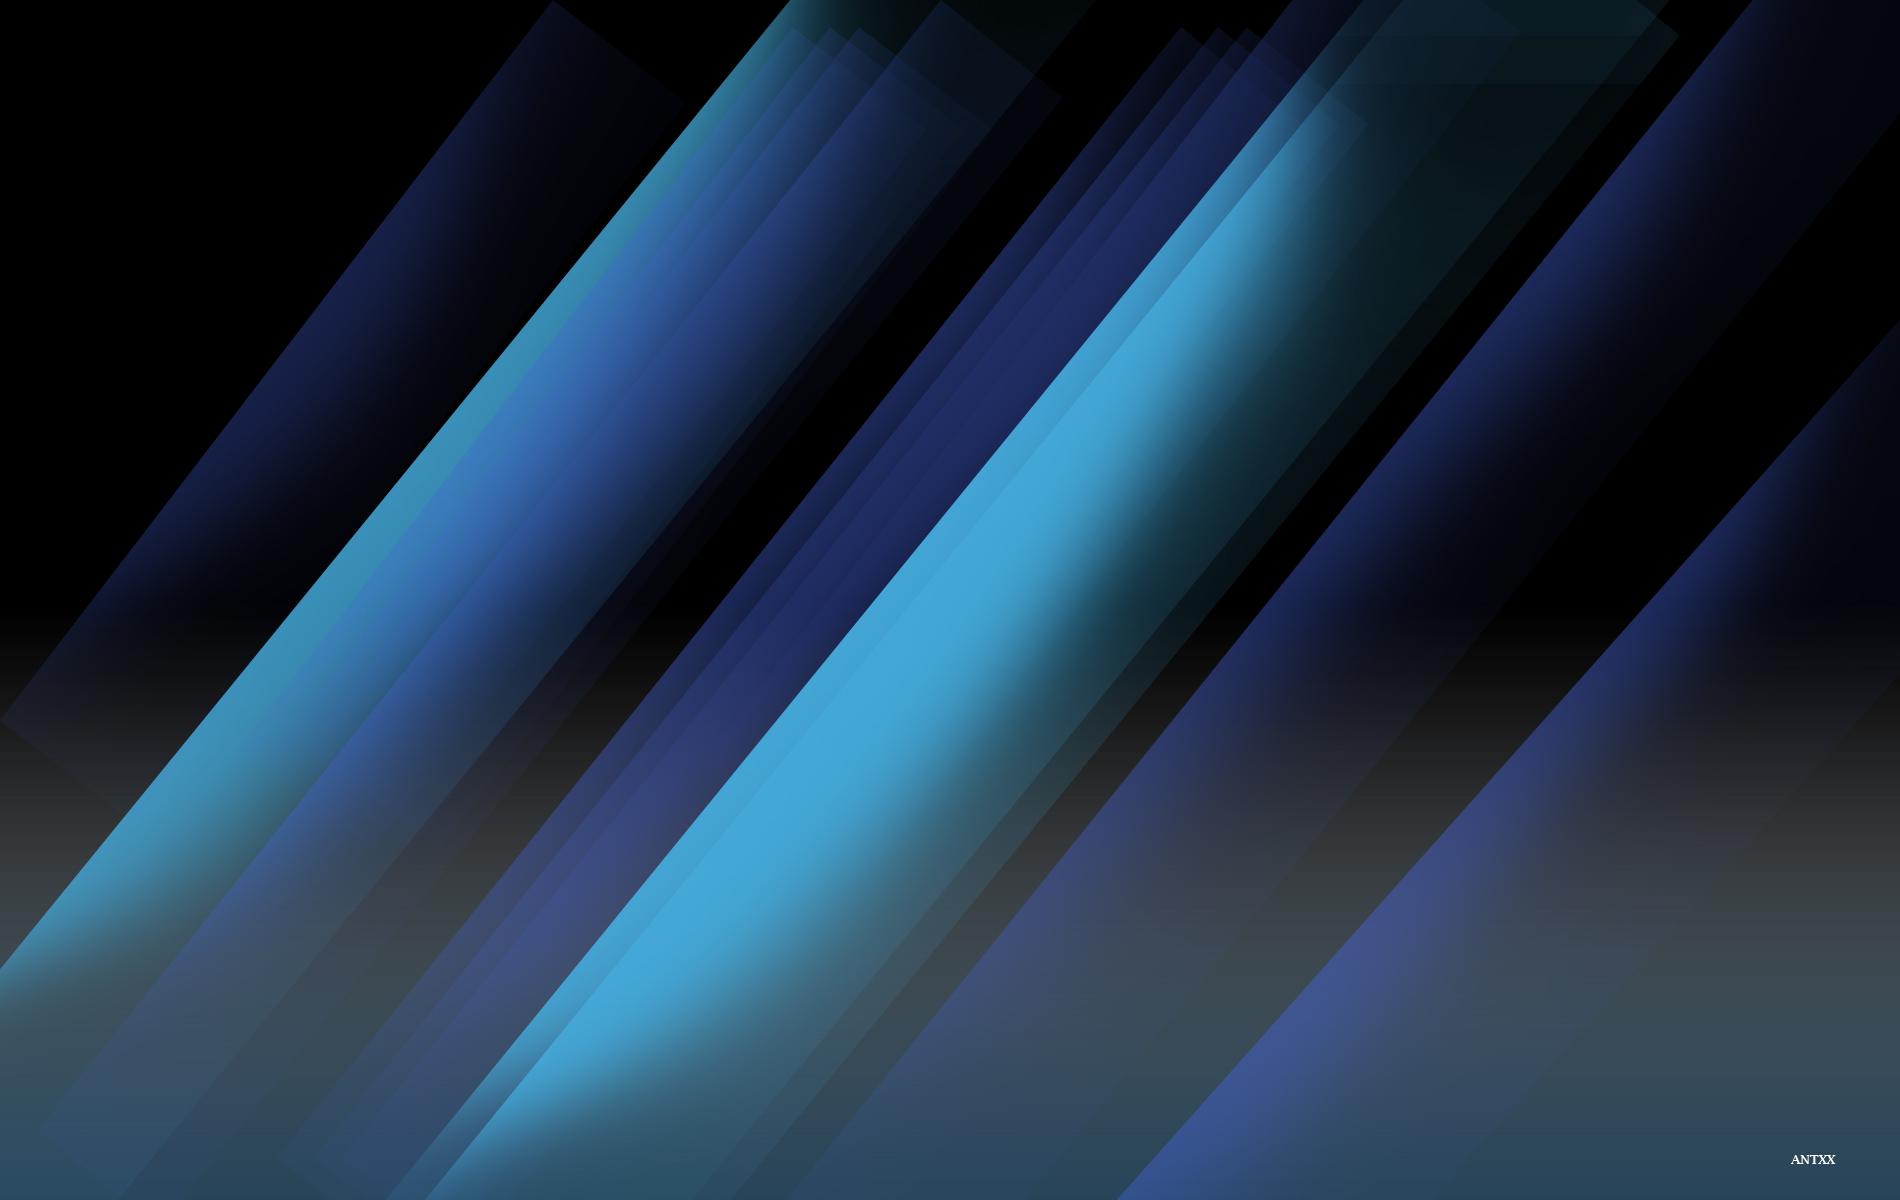 Rectangles wallpaper style - 3dDub